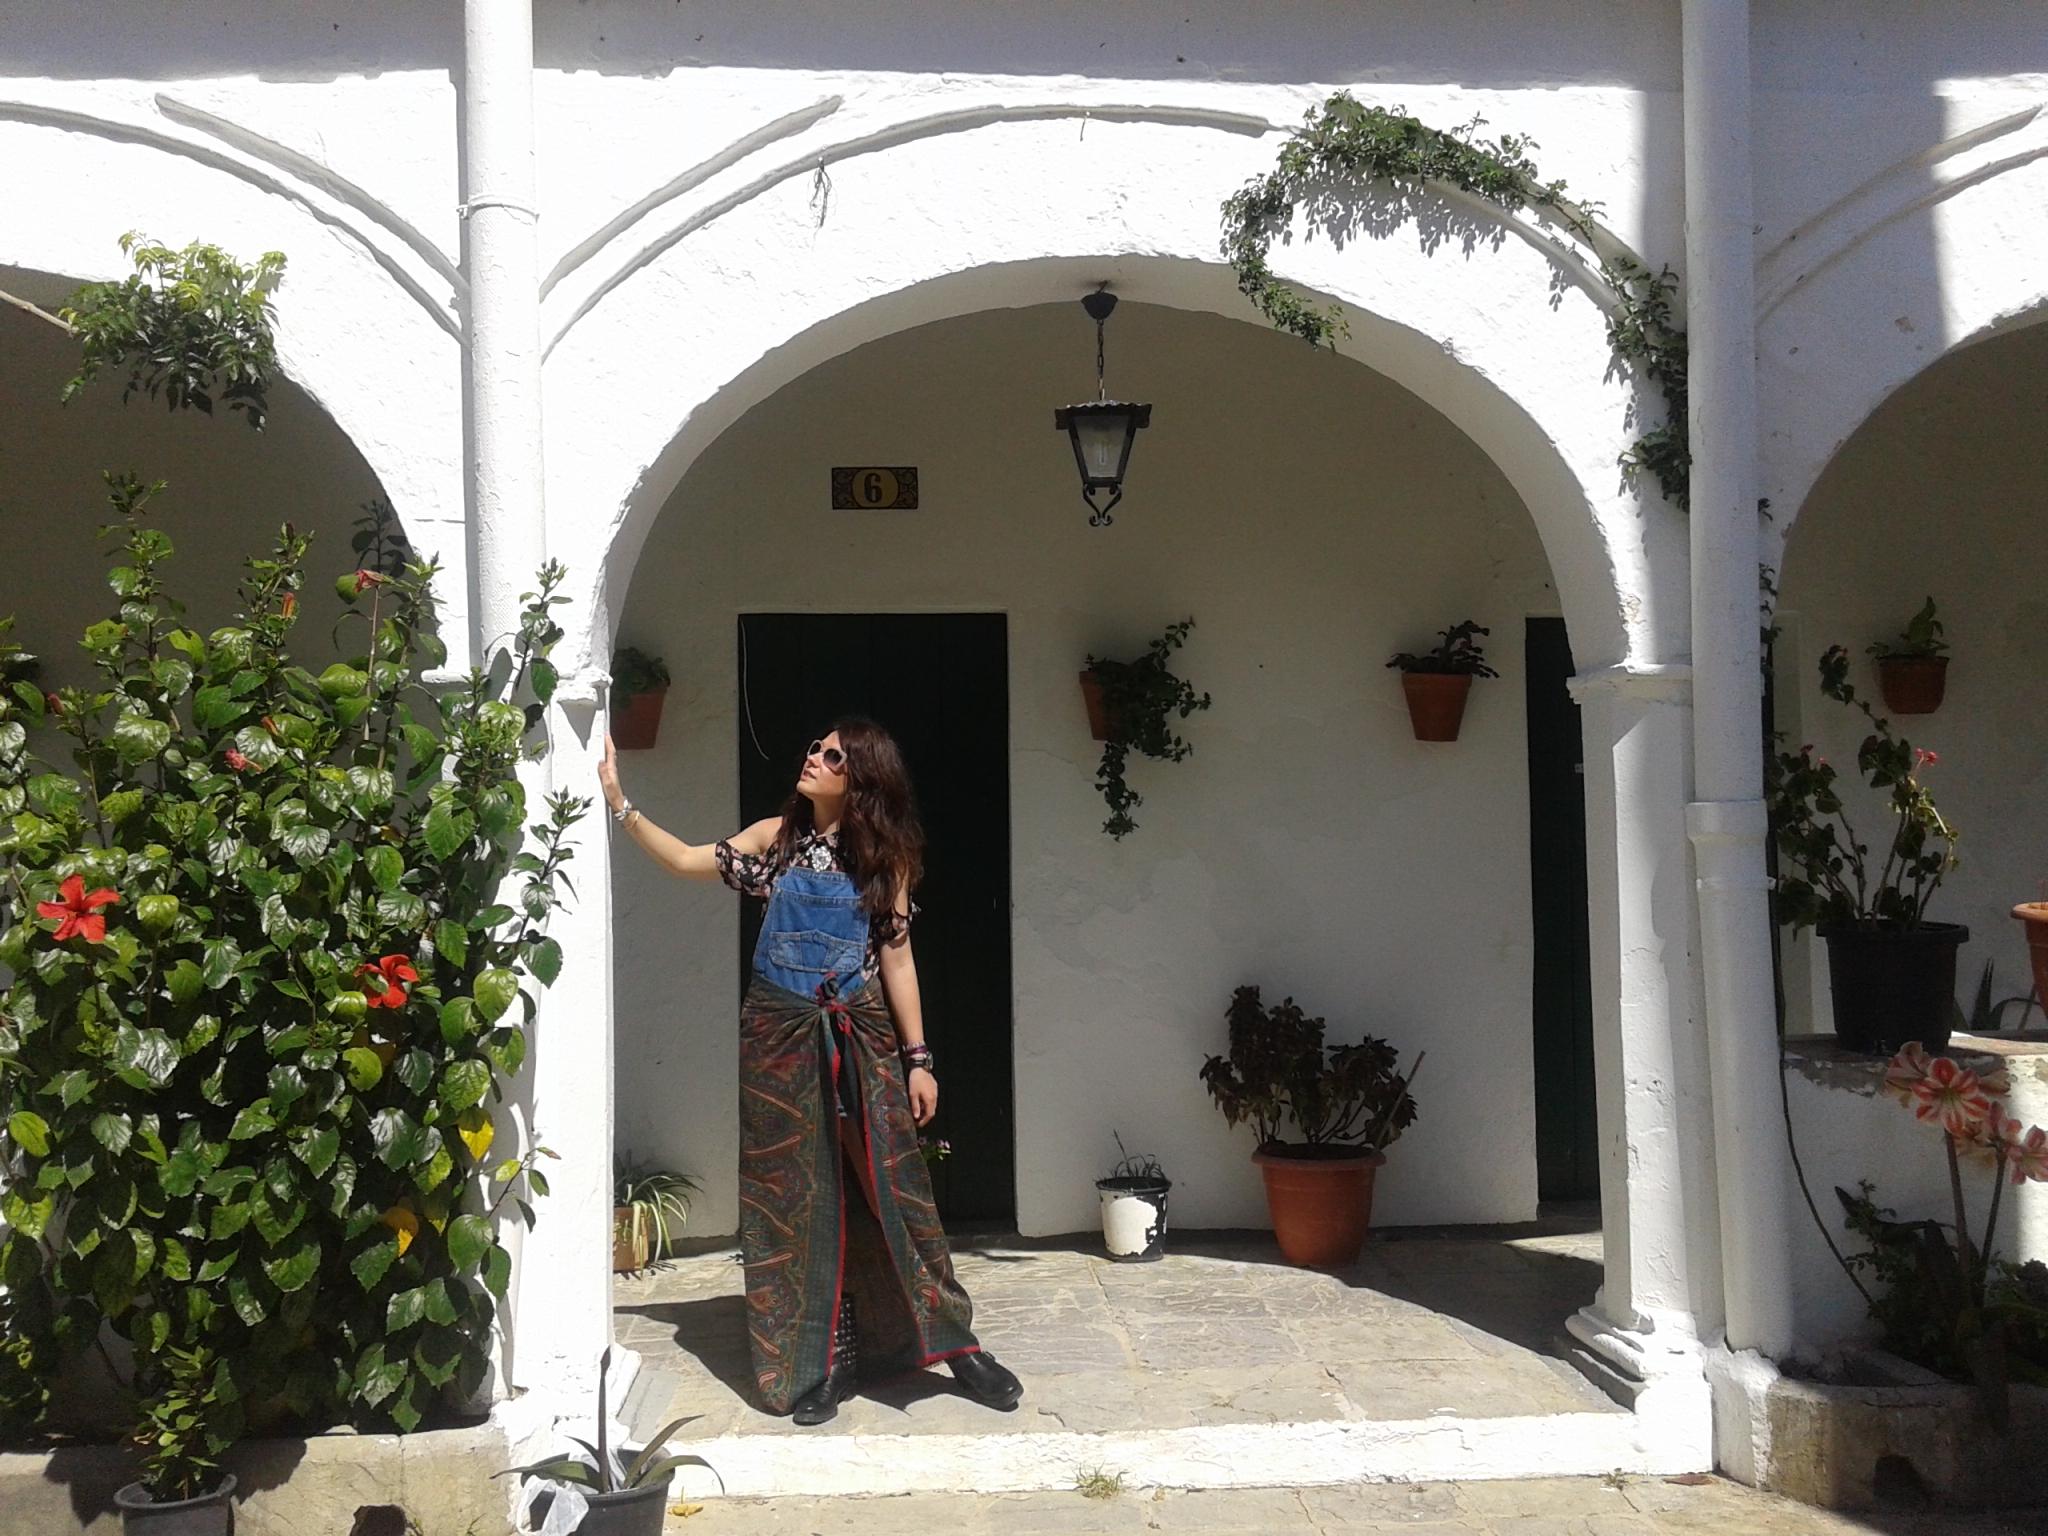 De algeciras a un patio andaluz la moda es una actitud - Un patio andaluz ...